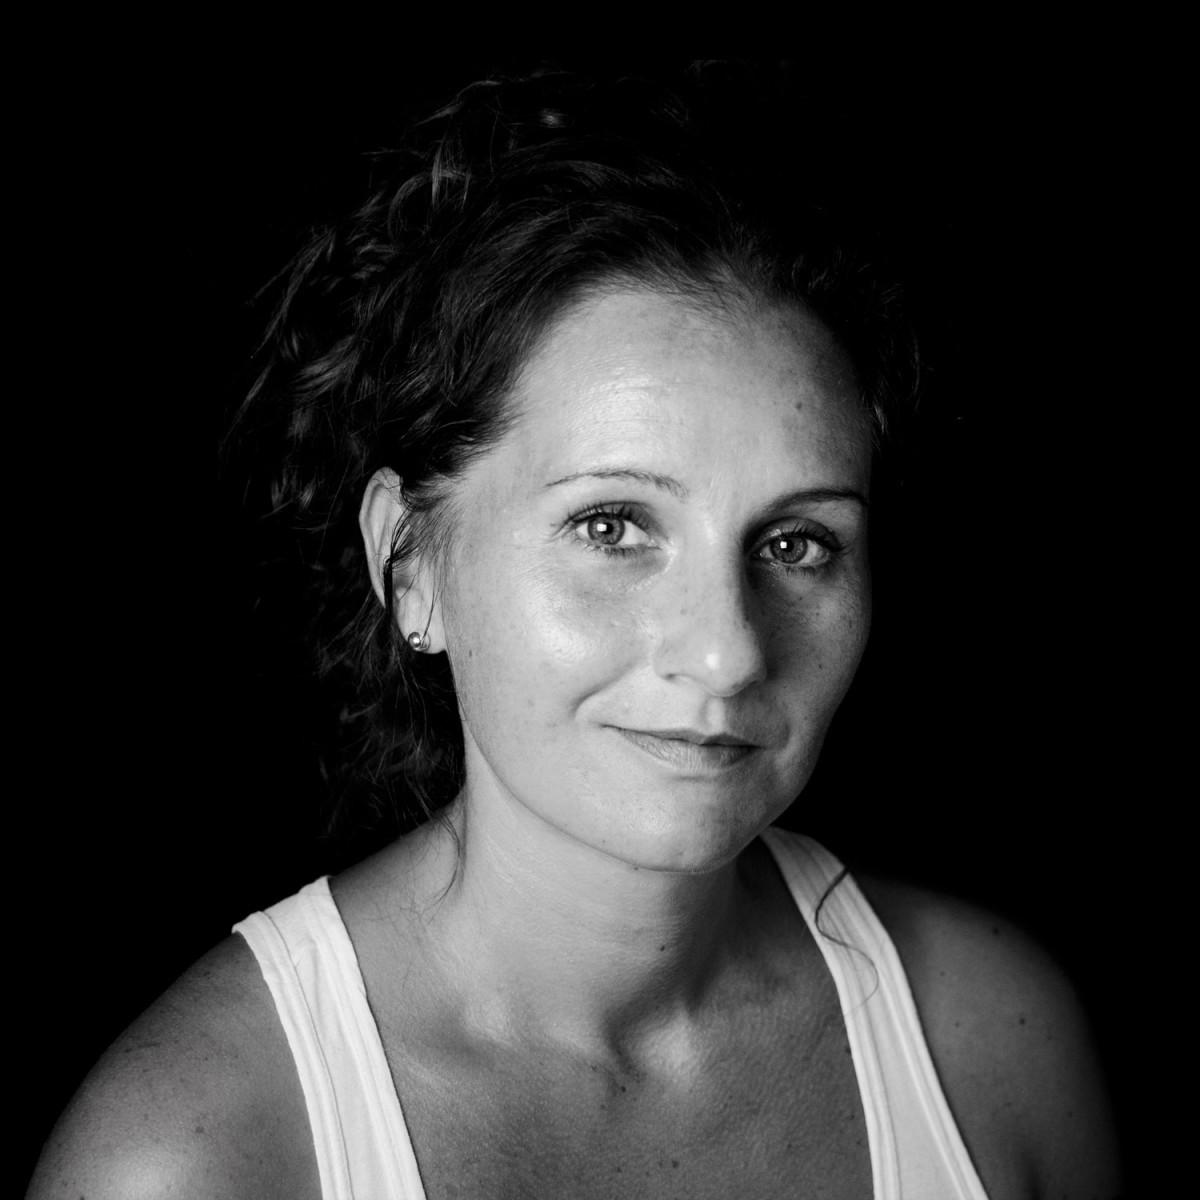 Alessia Beatini